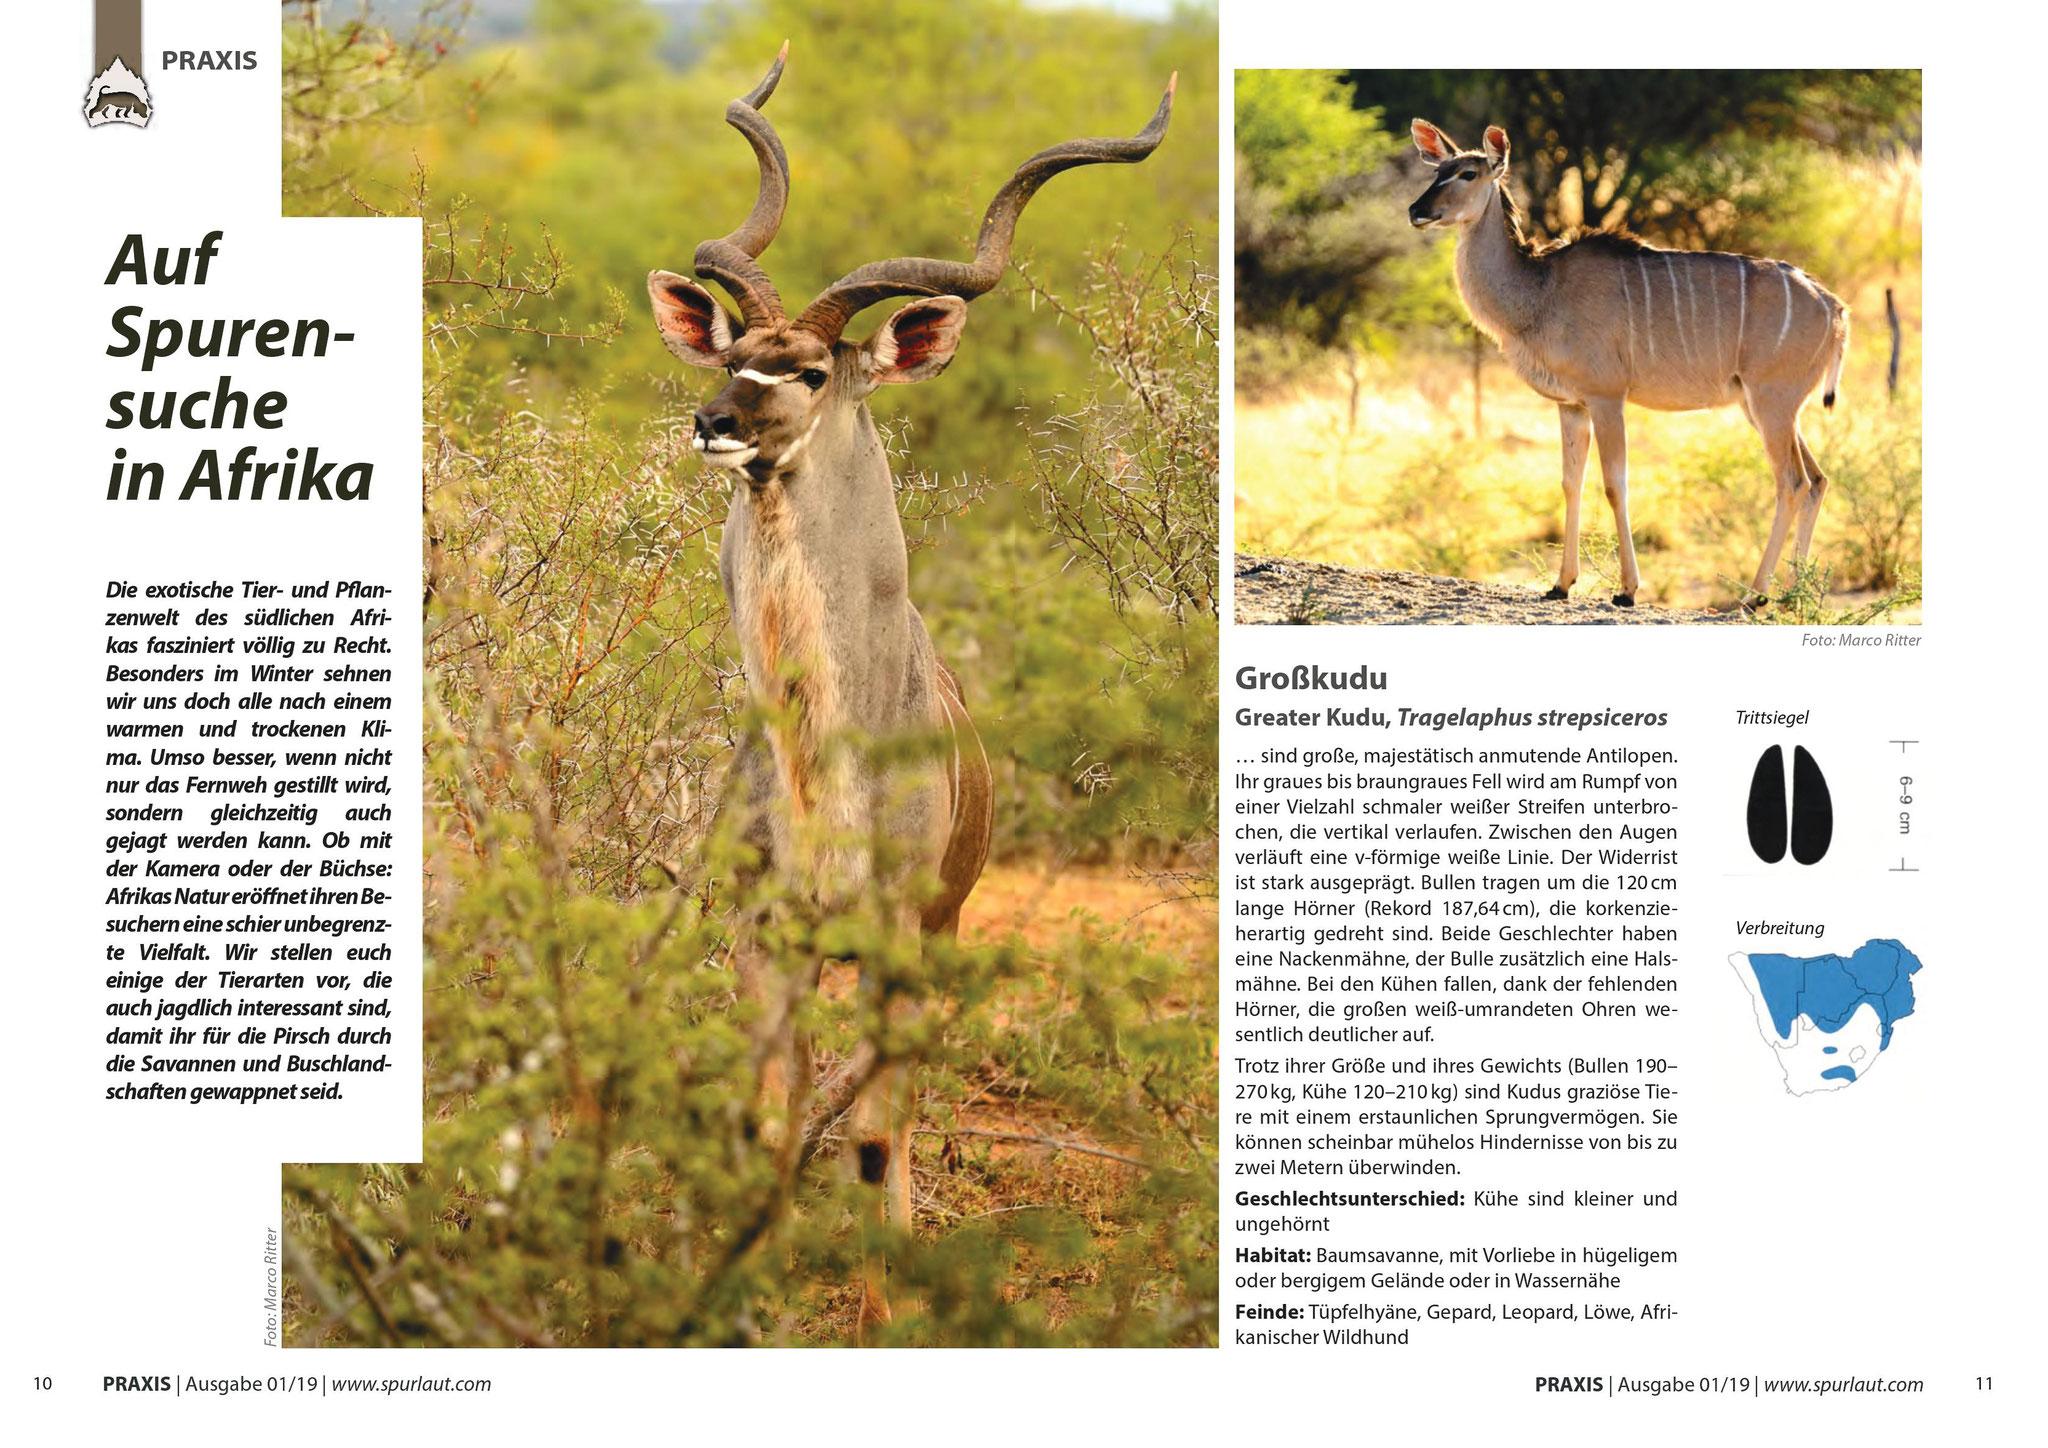 """teilweise Bebilderung inkl. Leitbild des Artikels """"Auf Spurensuche in Afrika"""" in Spurlaut Ausgabe 01/2019"""